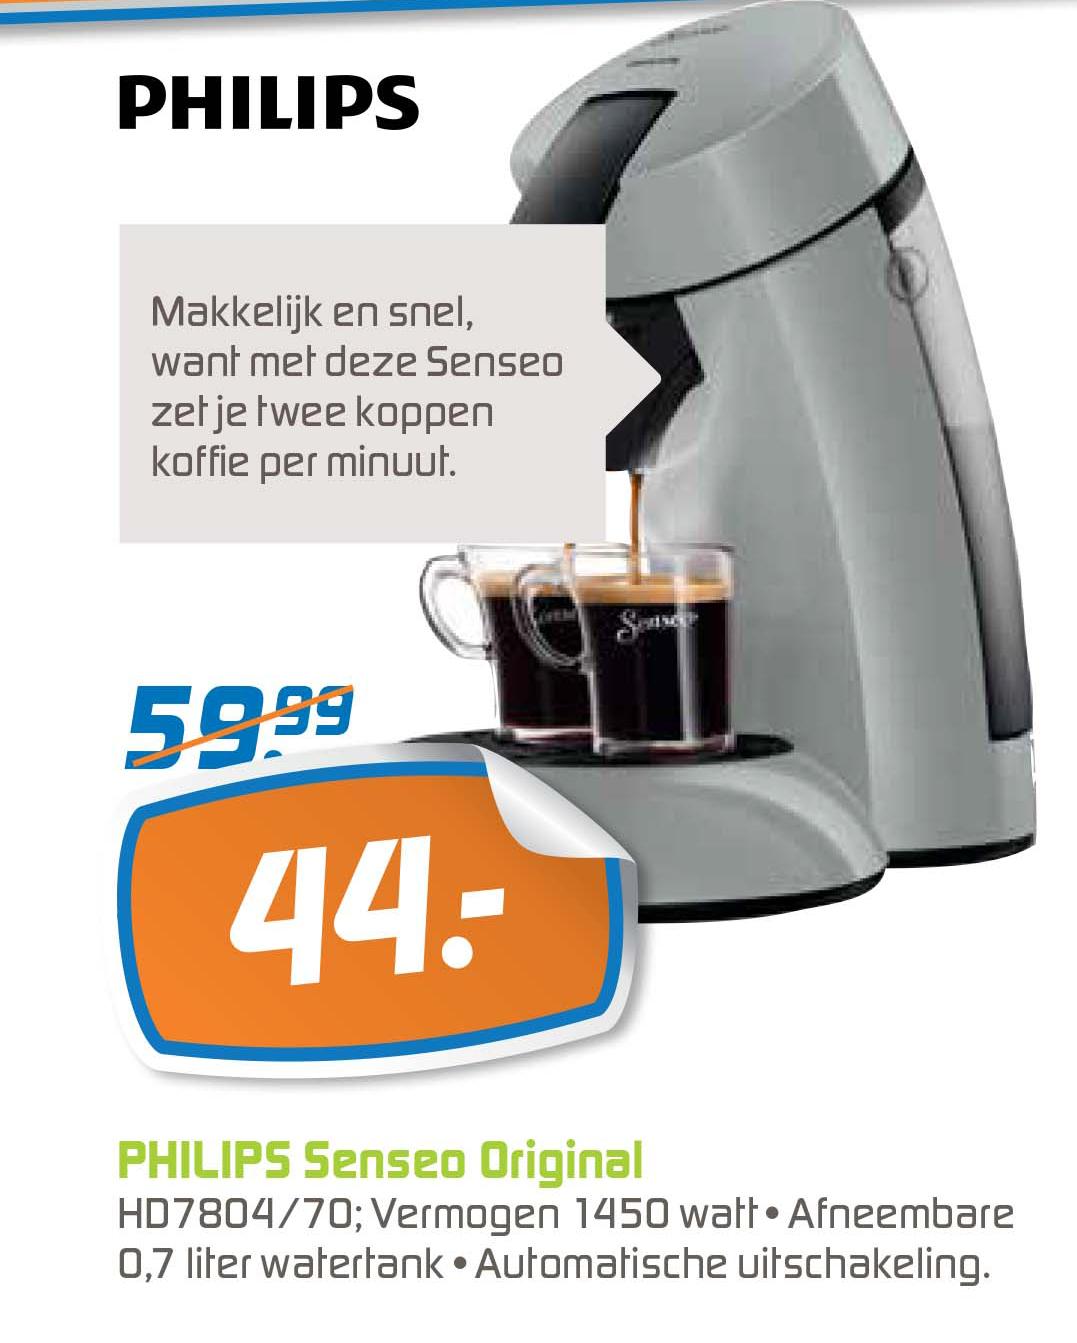 BCC Philips Senseo Original